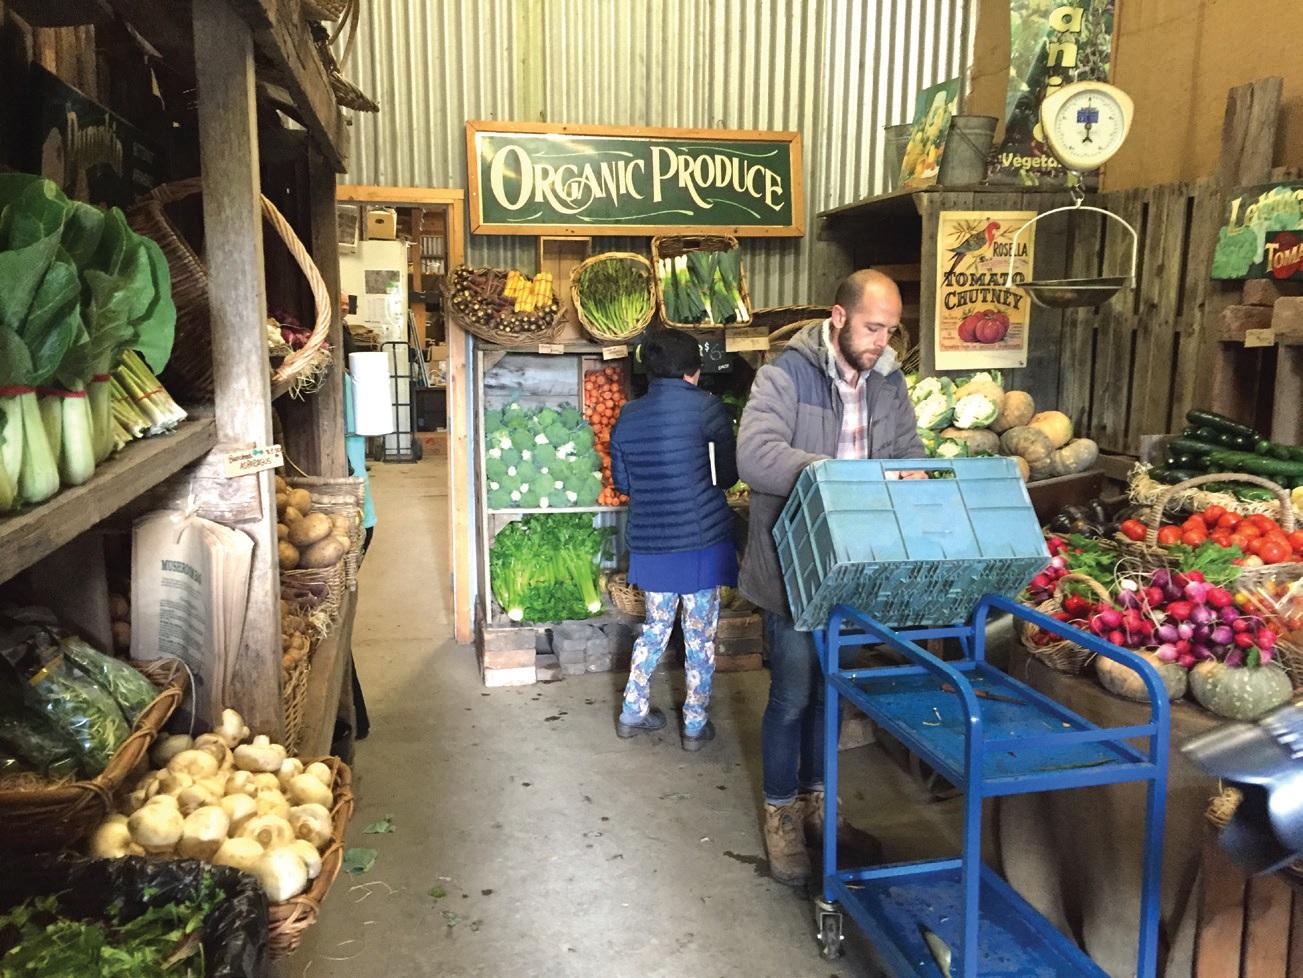 5대째 농사를 짓고 있는 웨인 씨는 파머스마켓 출점 경험에서 자신감을 얻어 농장 안에 매장도 함께 운영한다.